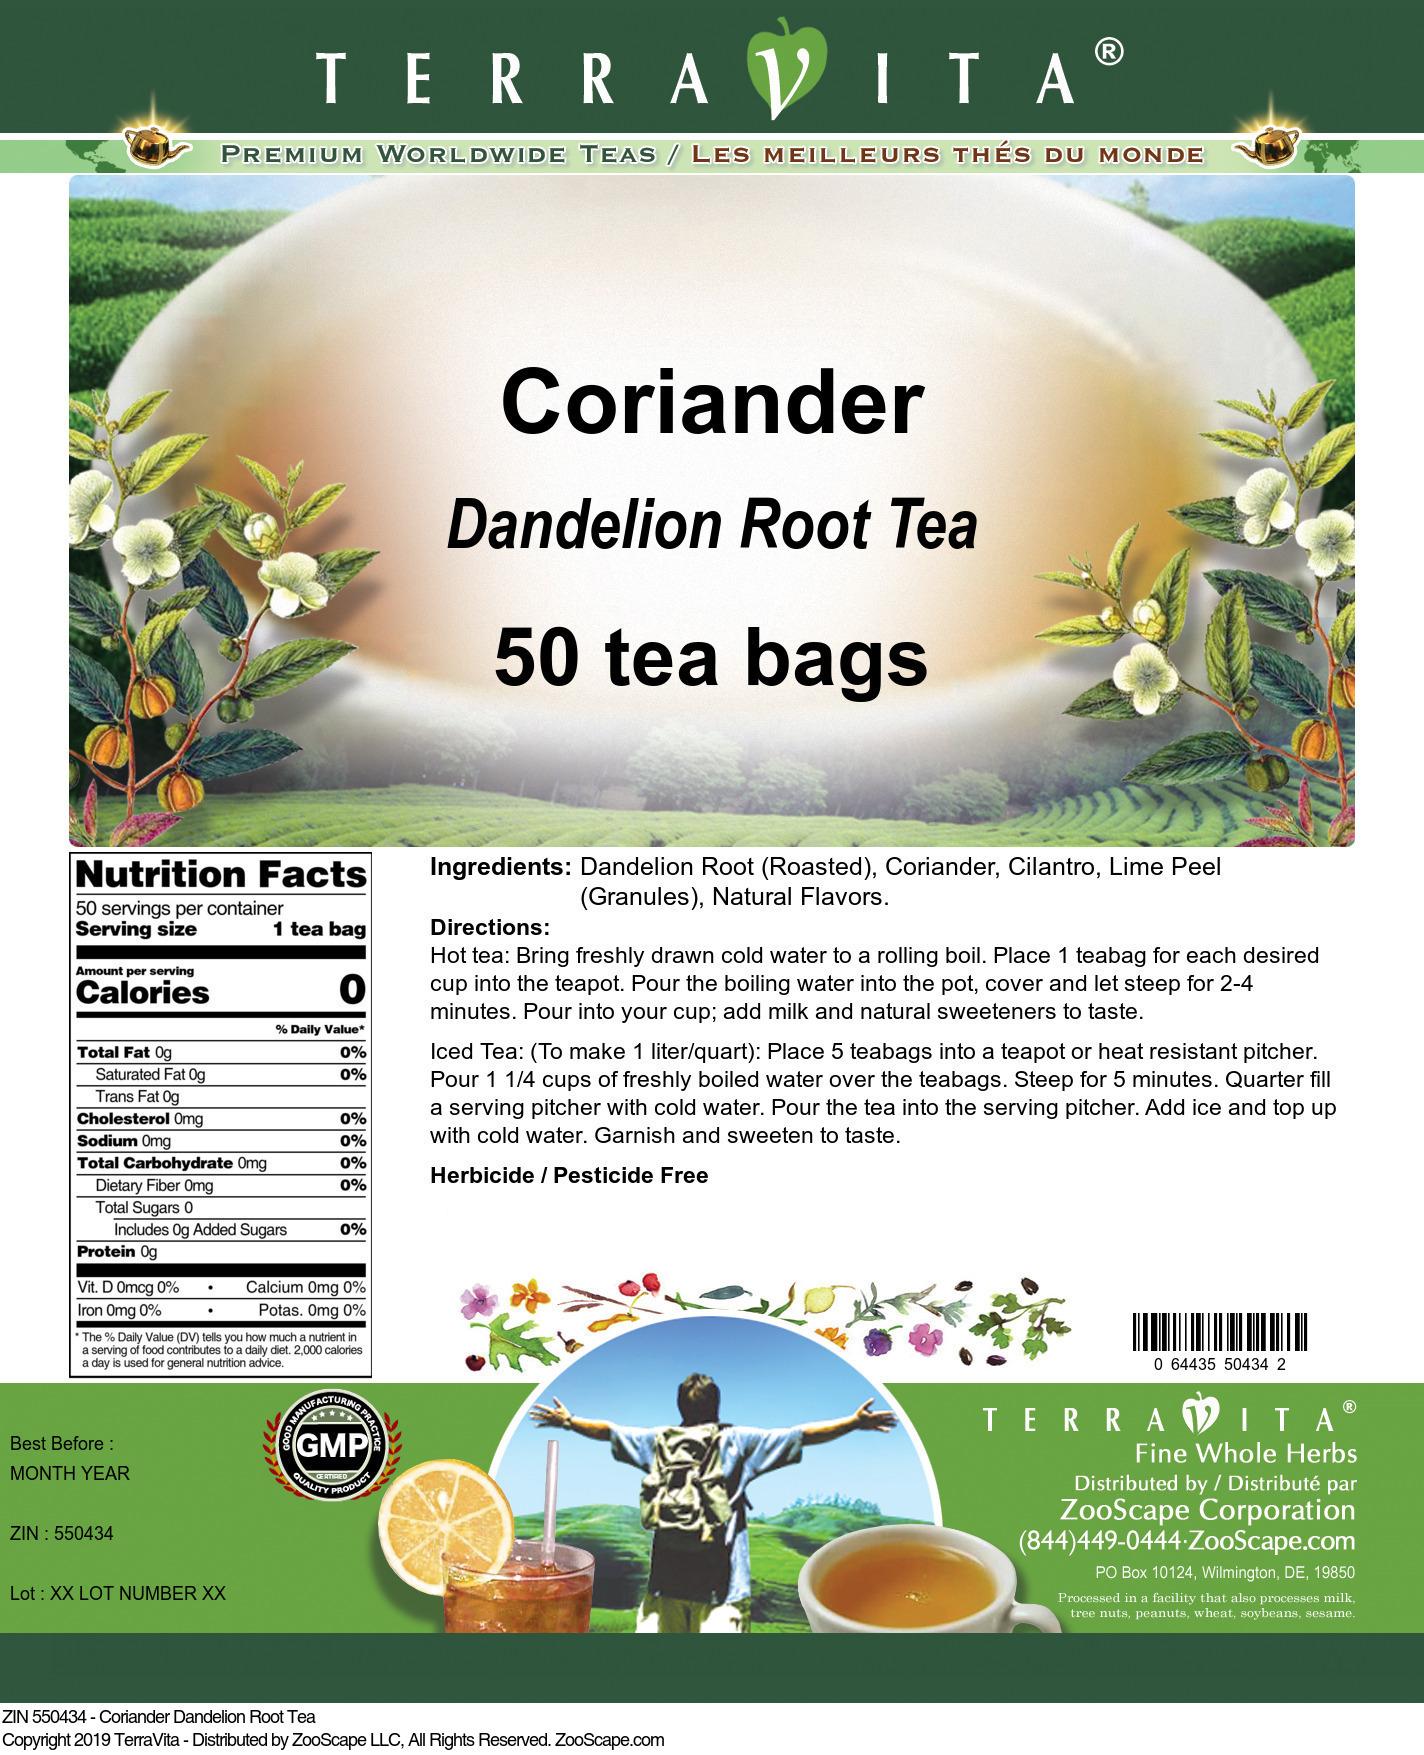 Coriander Dandelion Root Tea